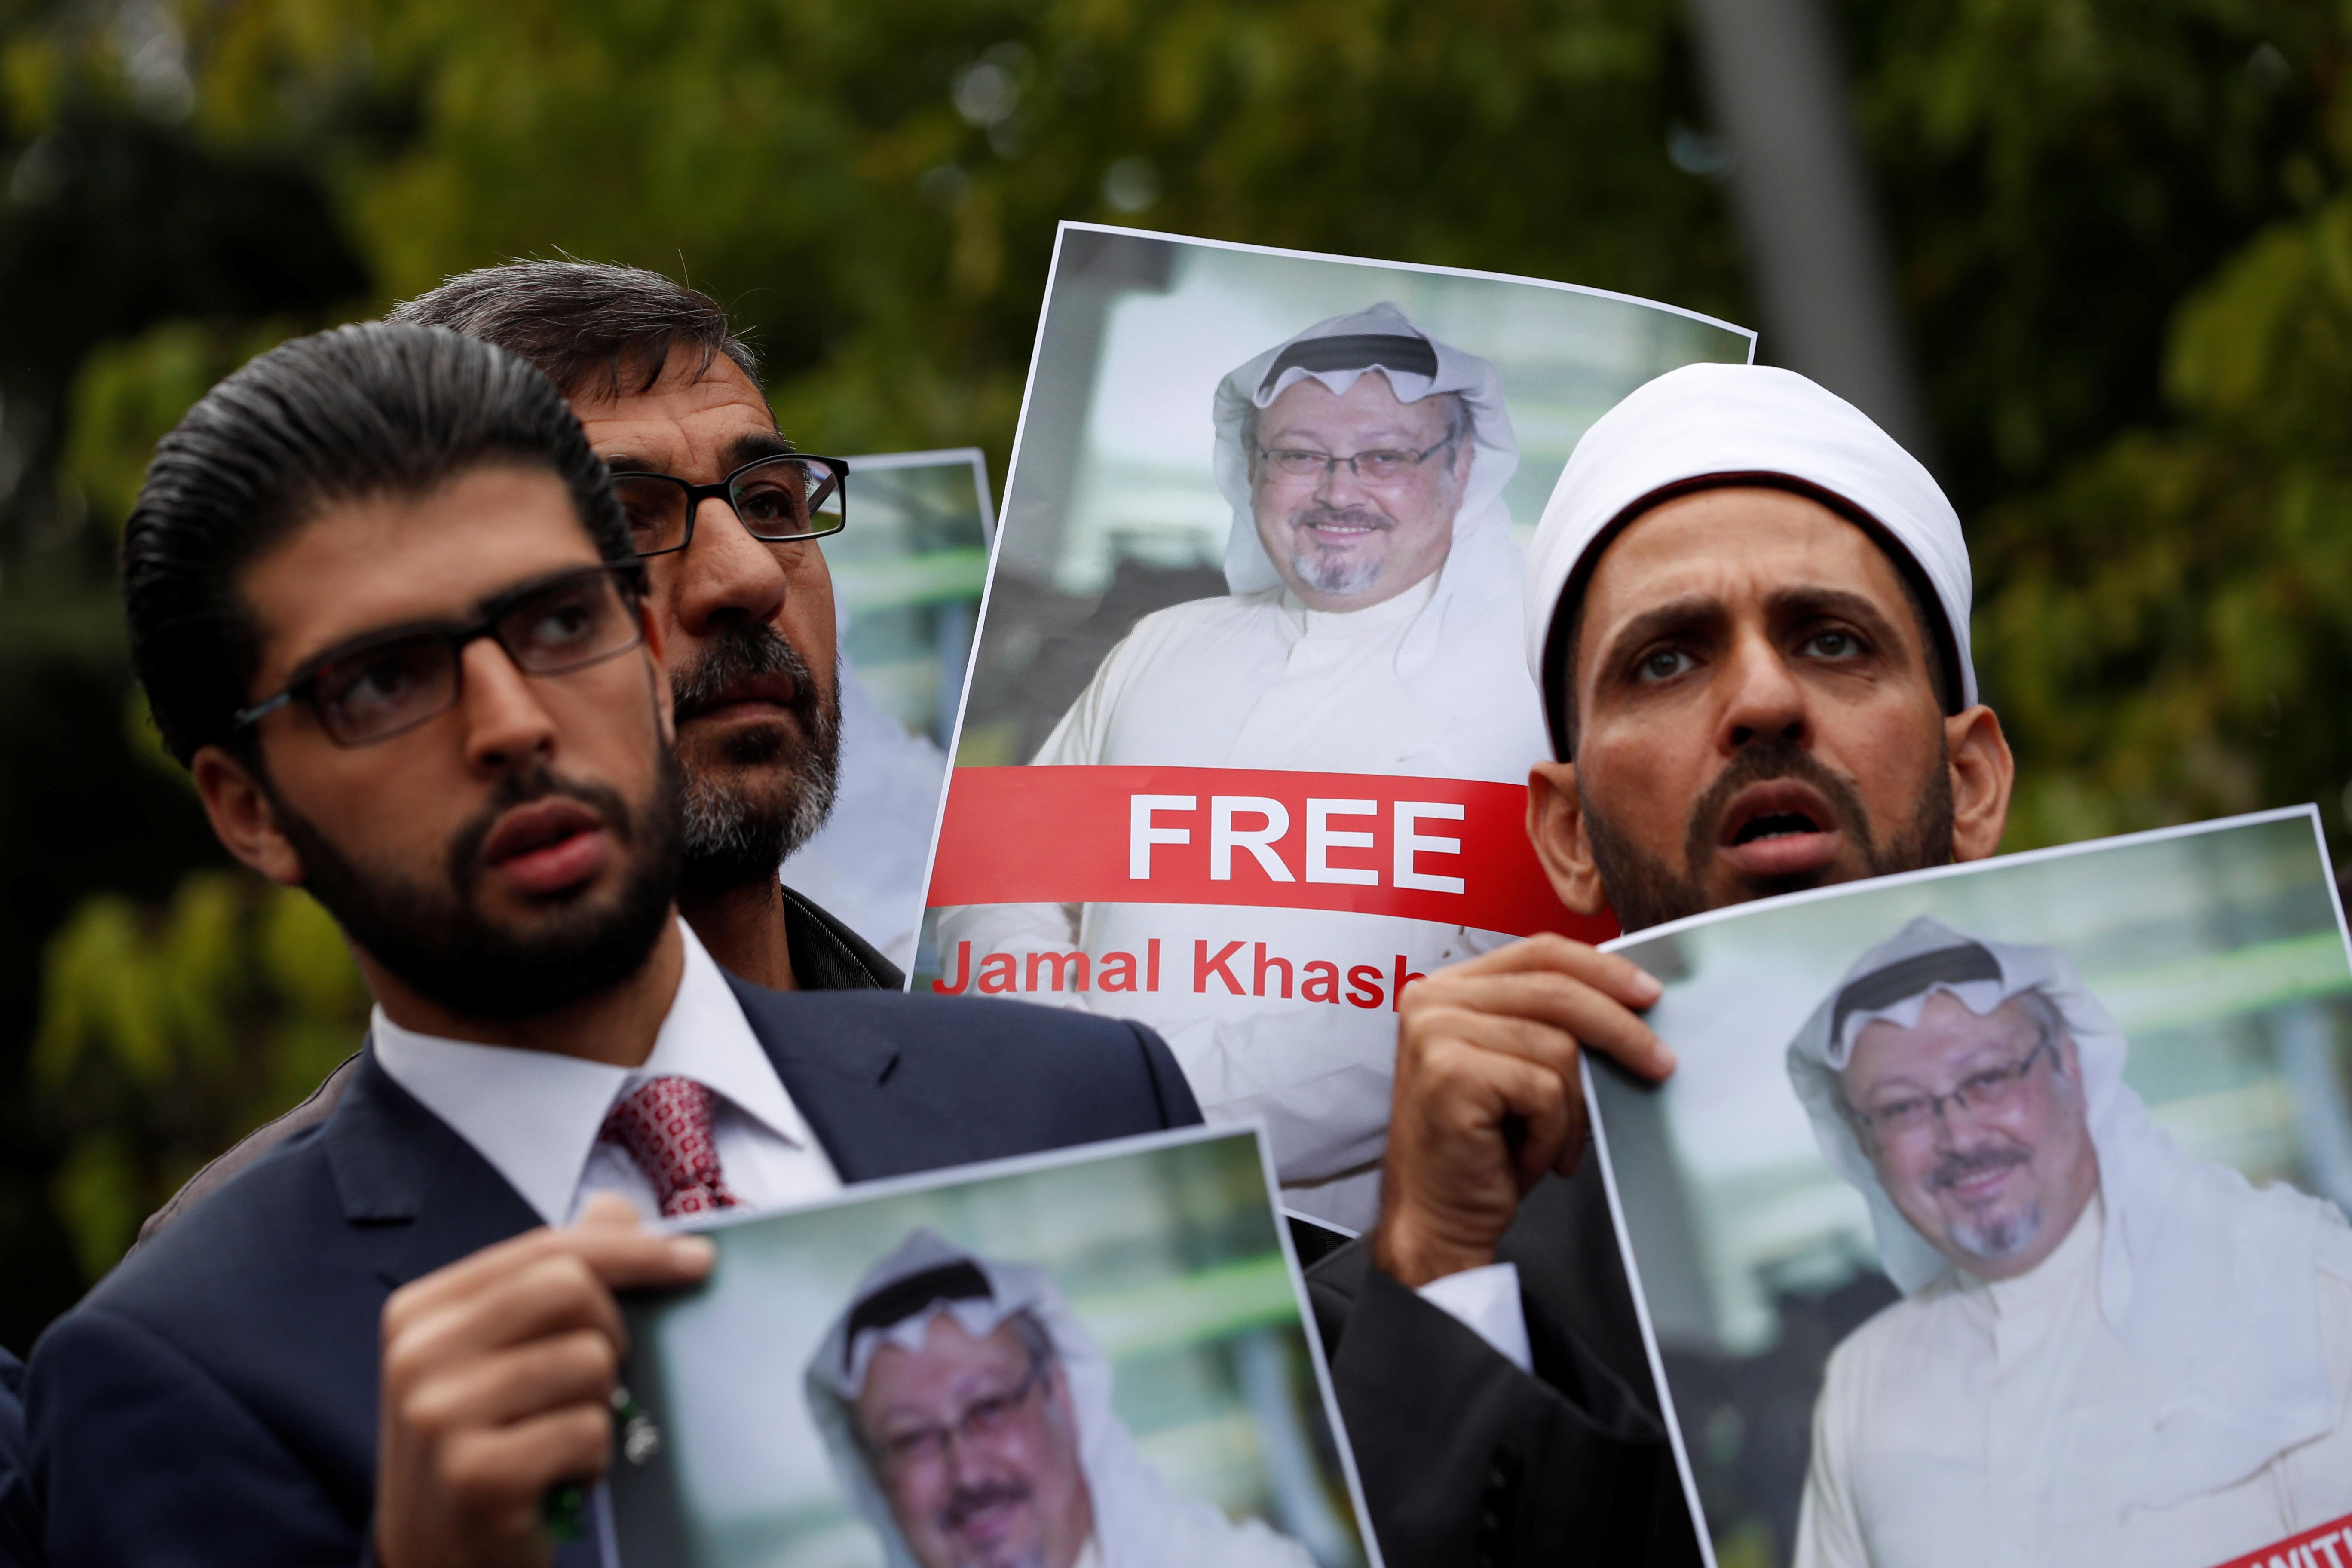 Jamal Khashoggi: Menaces diplomatiques, enquête, enregistrements... le point sur la disparition du